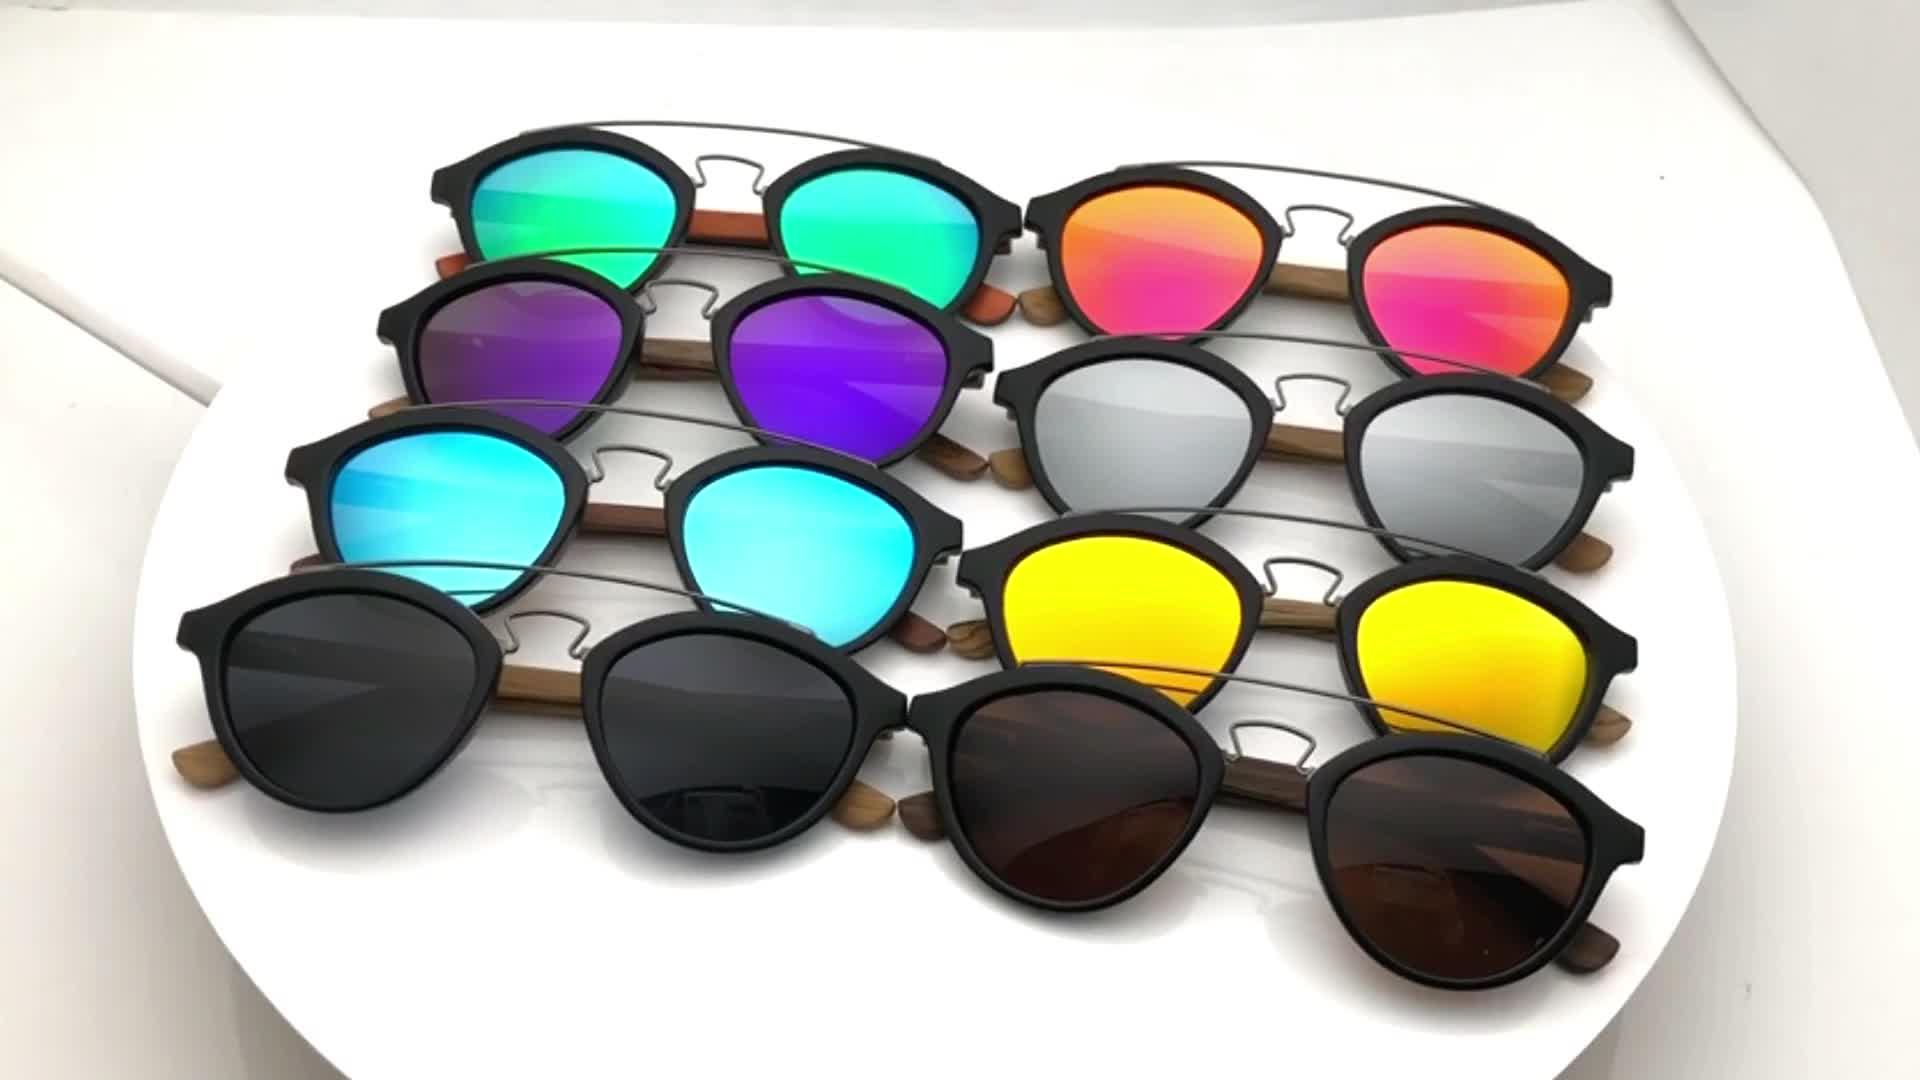 2019 Verão Atacado UV400 Polarizada Óculos De Sol De Bambu Handmade Eco Friendly Madeira Óculos de Sol